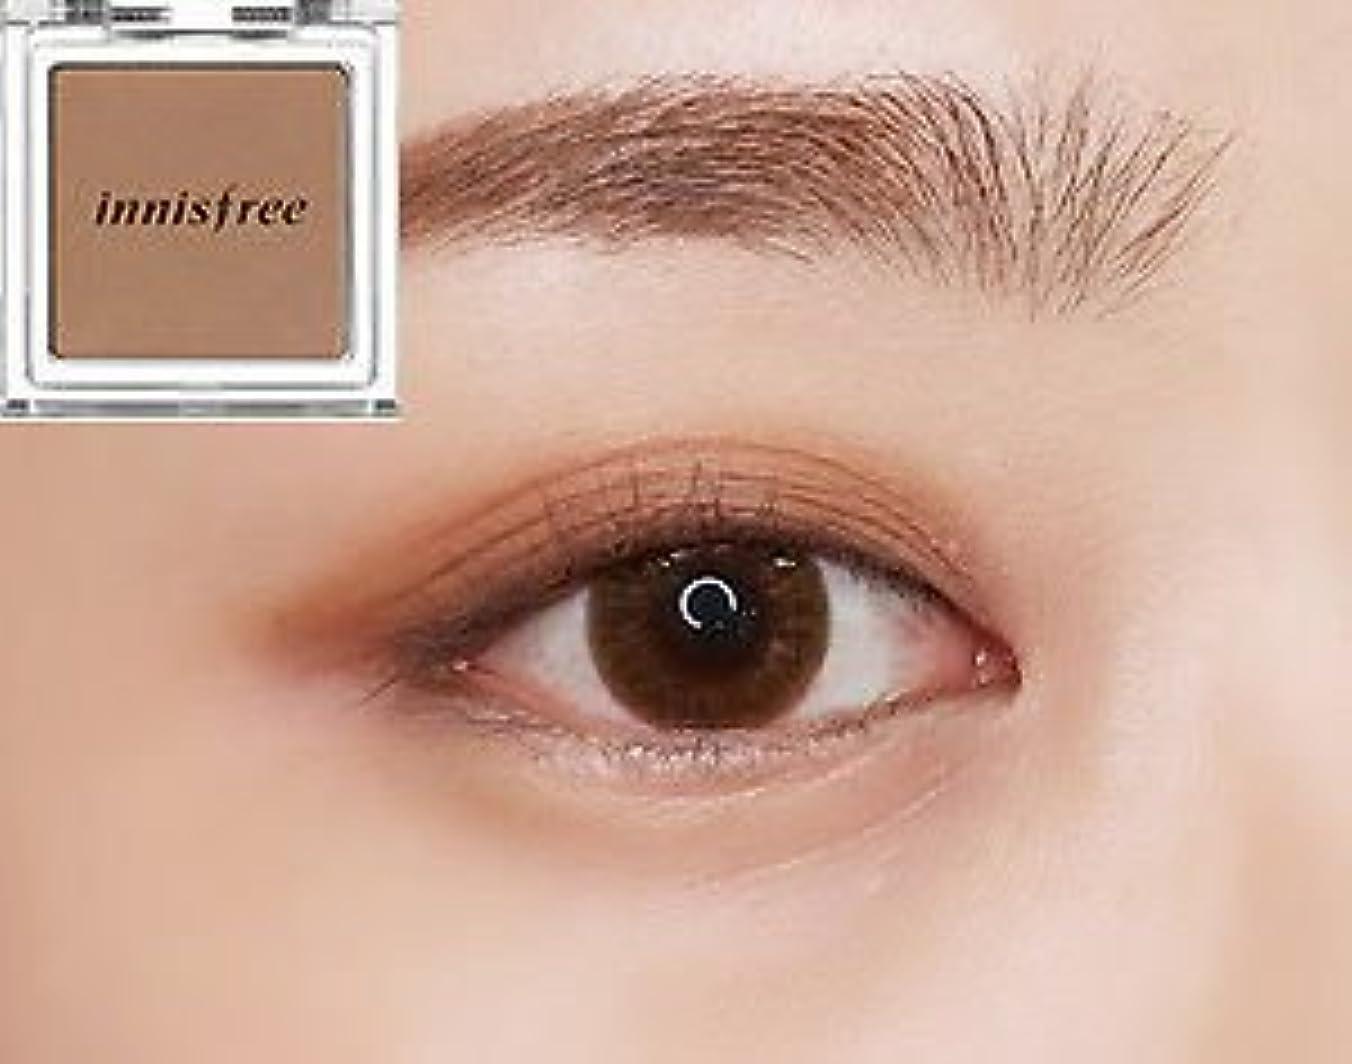 メインかすかなぴかぴか[イニスフリー] innisfree [マイ パレット マイ アイシャドウ (マット) 40カラー] MY PALETTE My Eyeshadow (Matte) 40 Shades [海外直送品] (マット #19)